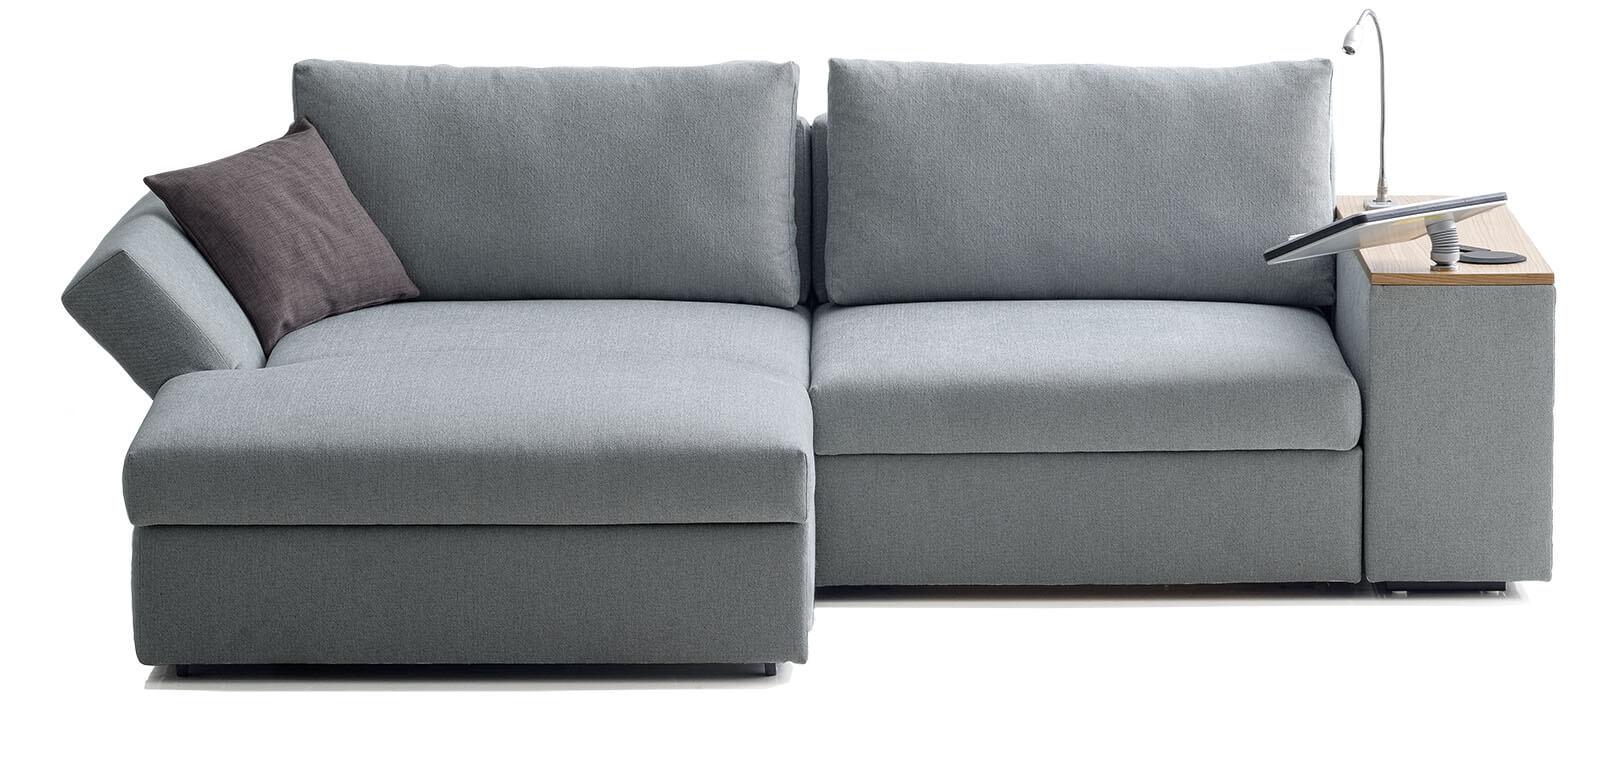 schlafcouch ausziehbar mit bettkasten perfect design schlafsofa barclays anthrazit cm. Black Bedroom Furniture Sets. Home Design Ideas